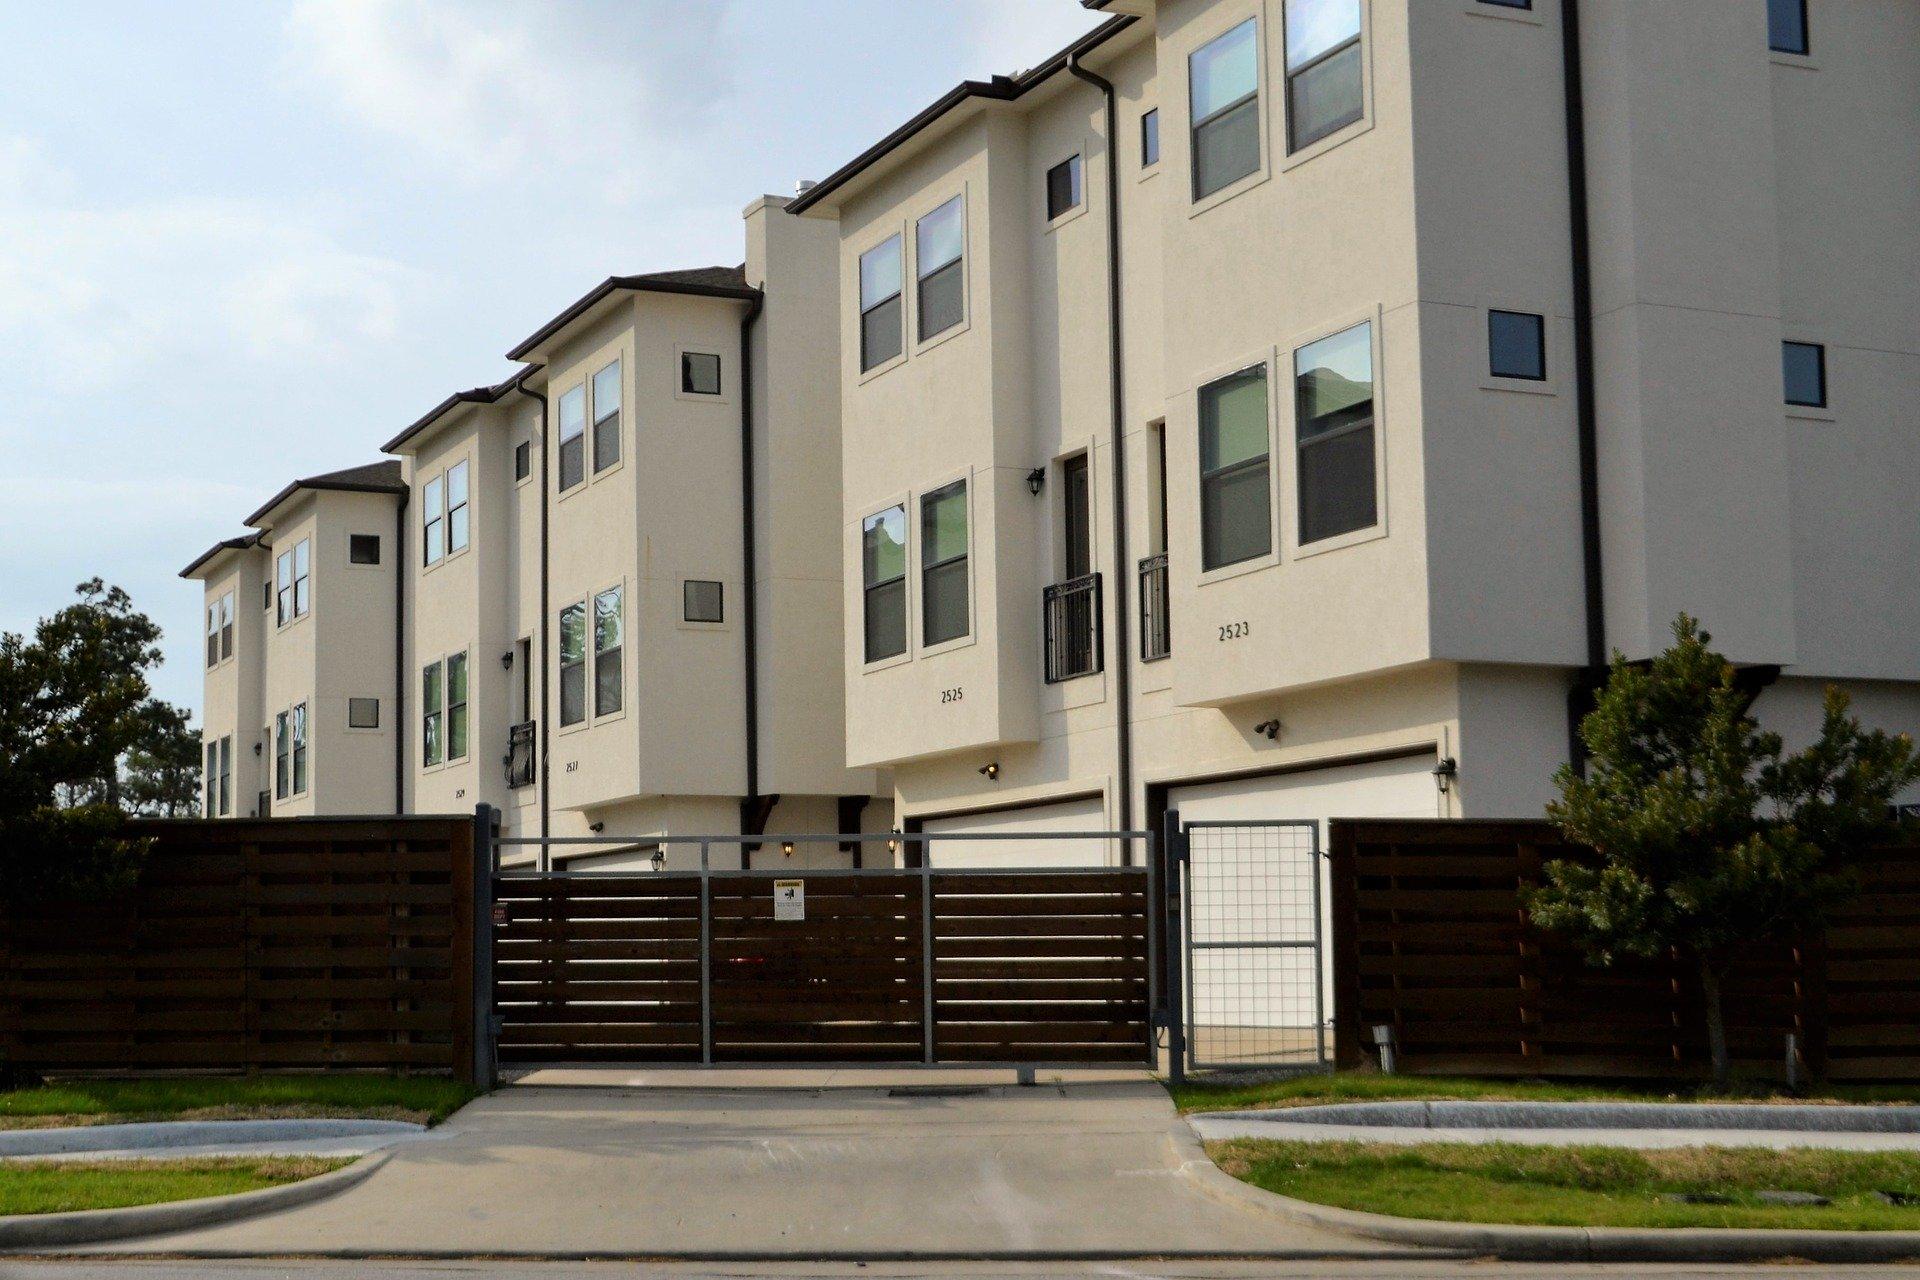 Alarmes para apartamentos: O que saber antes de adquirir esse sistema de segurança eletrônica?